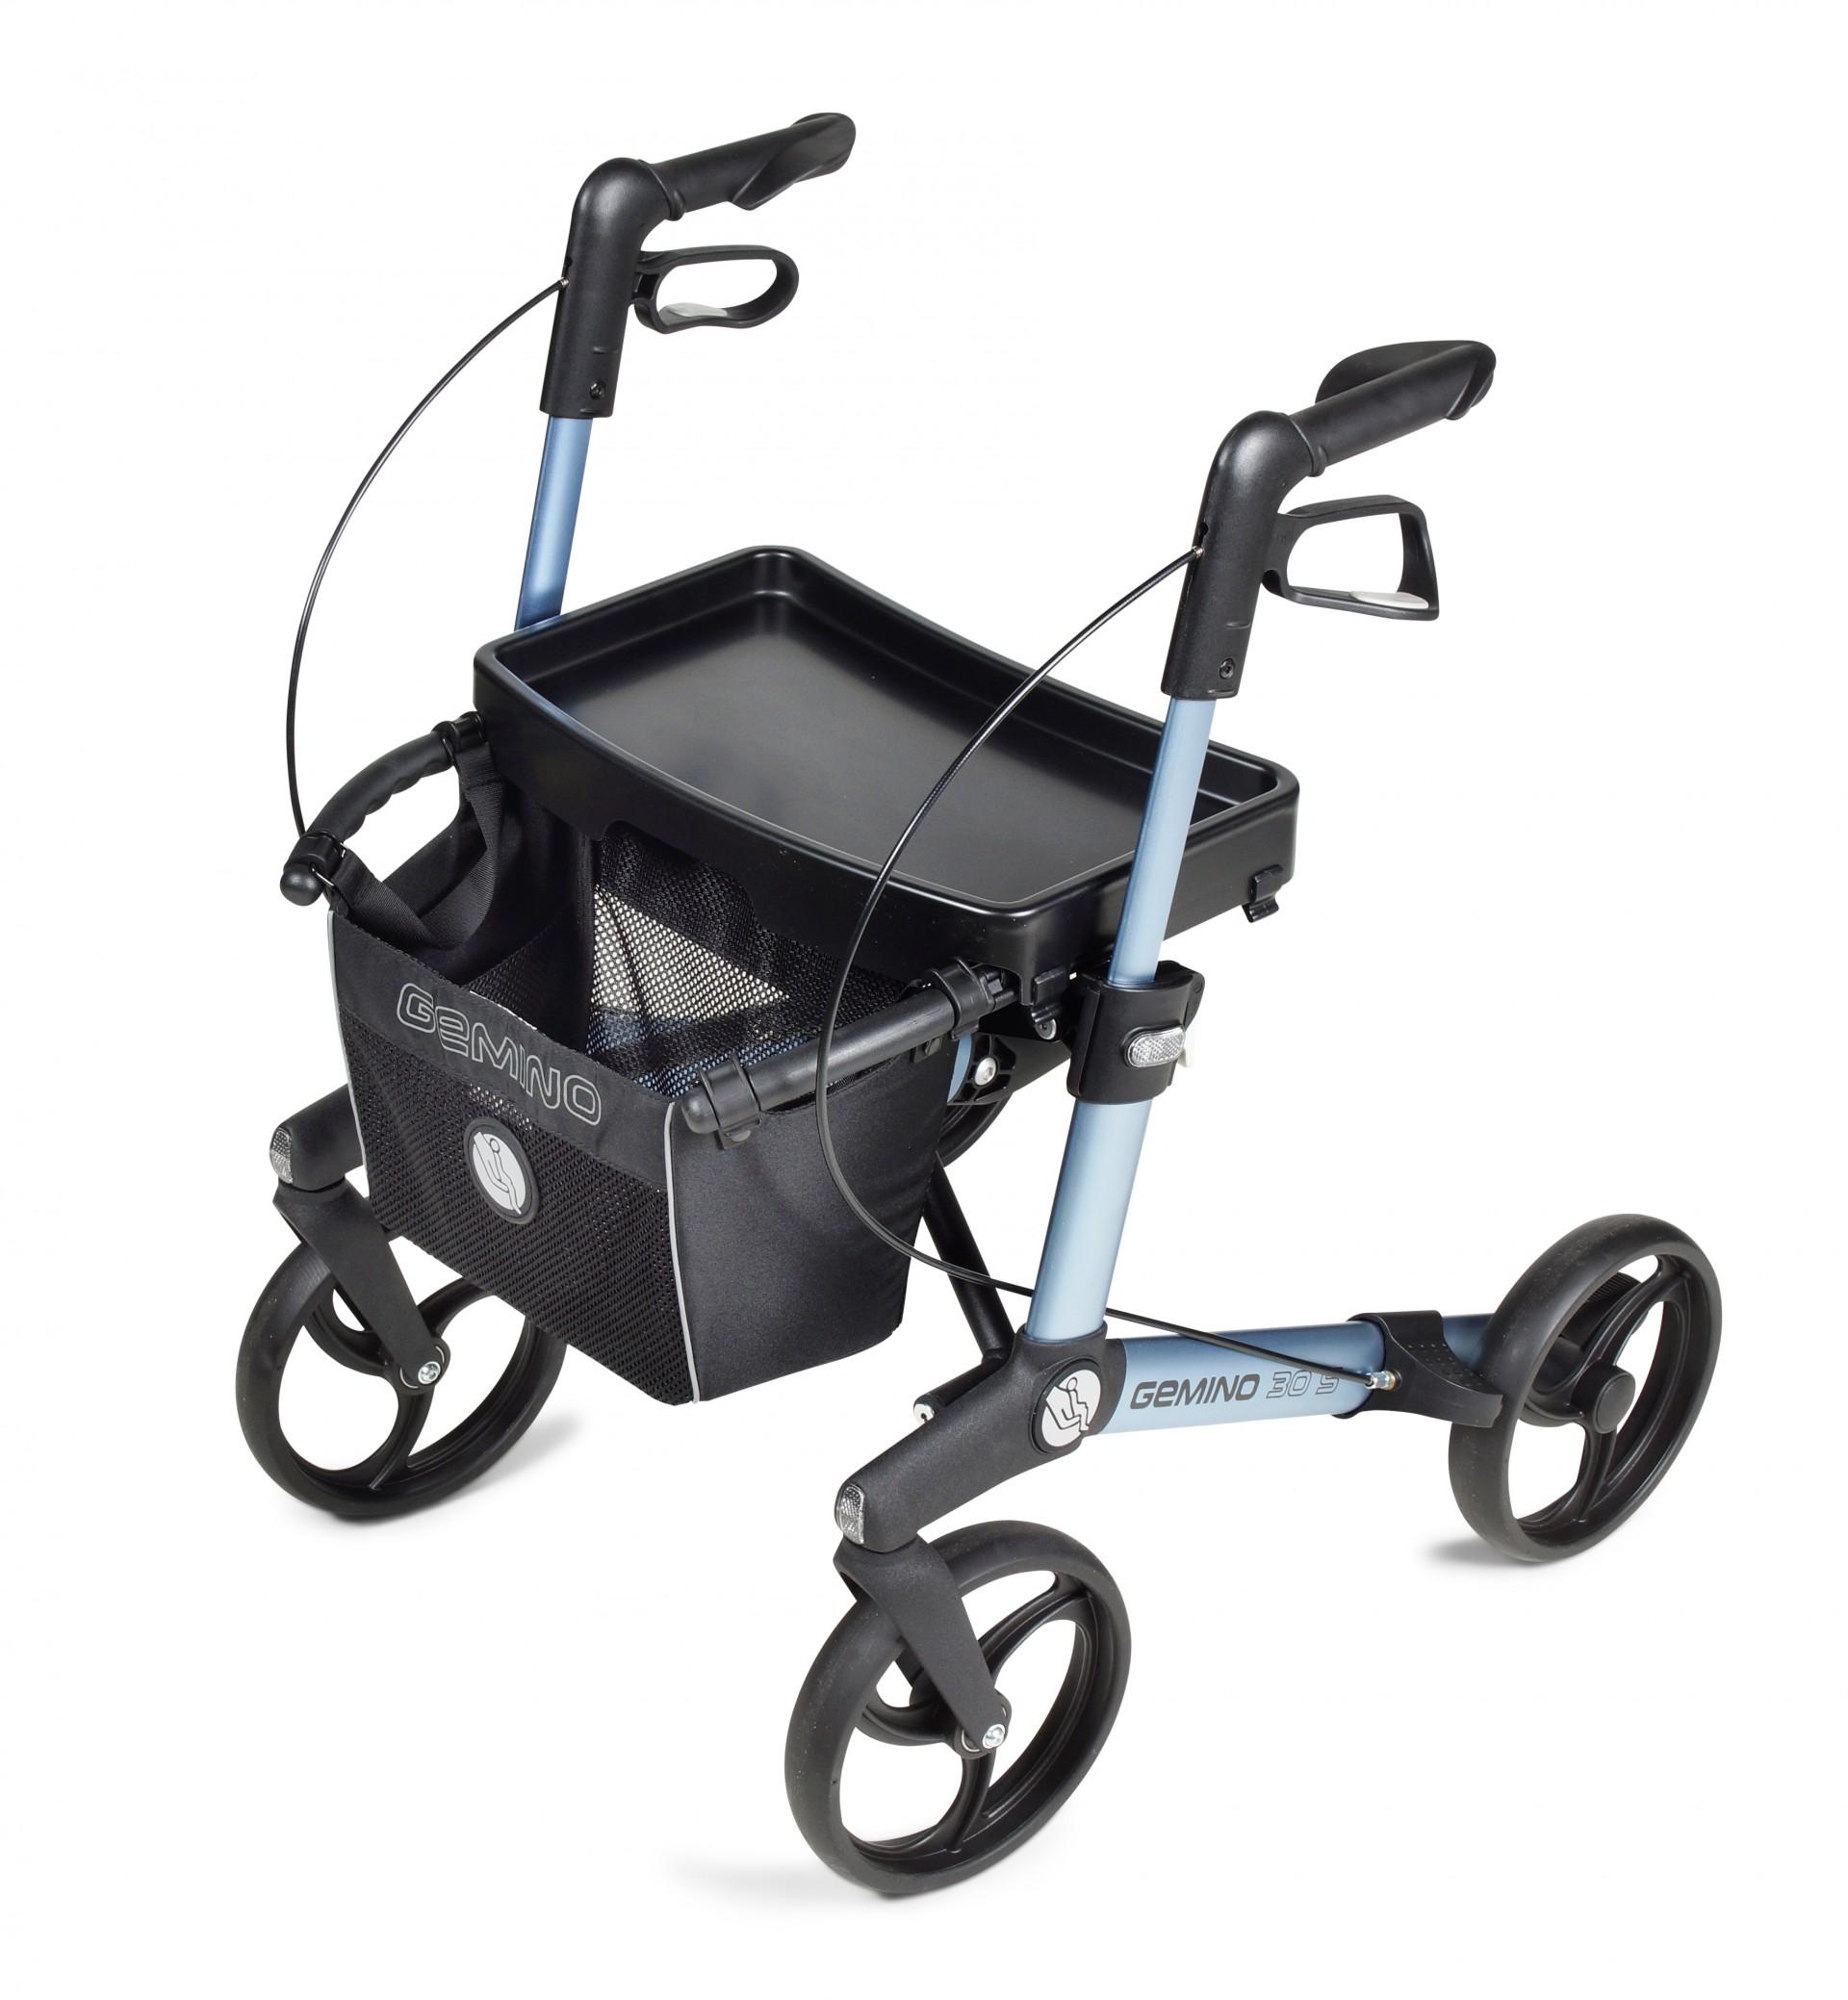 Tafelblad voor Gemino 30 S rollator van Sunrise Medical